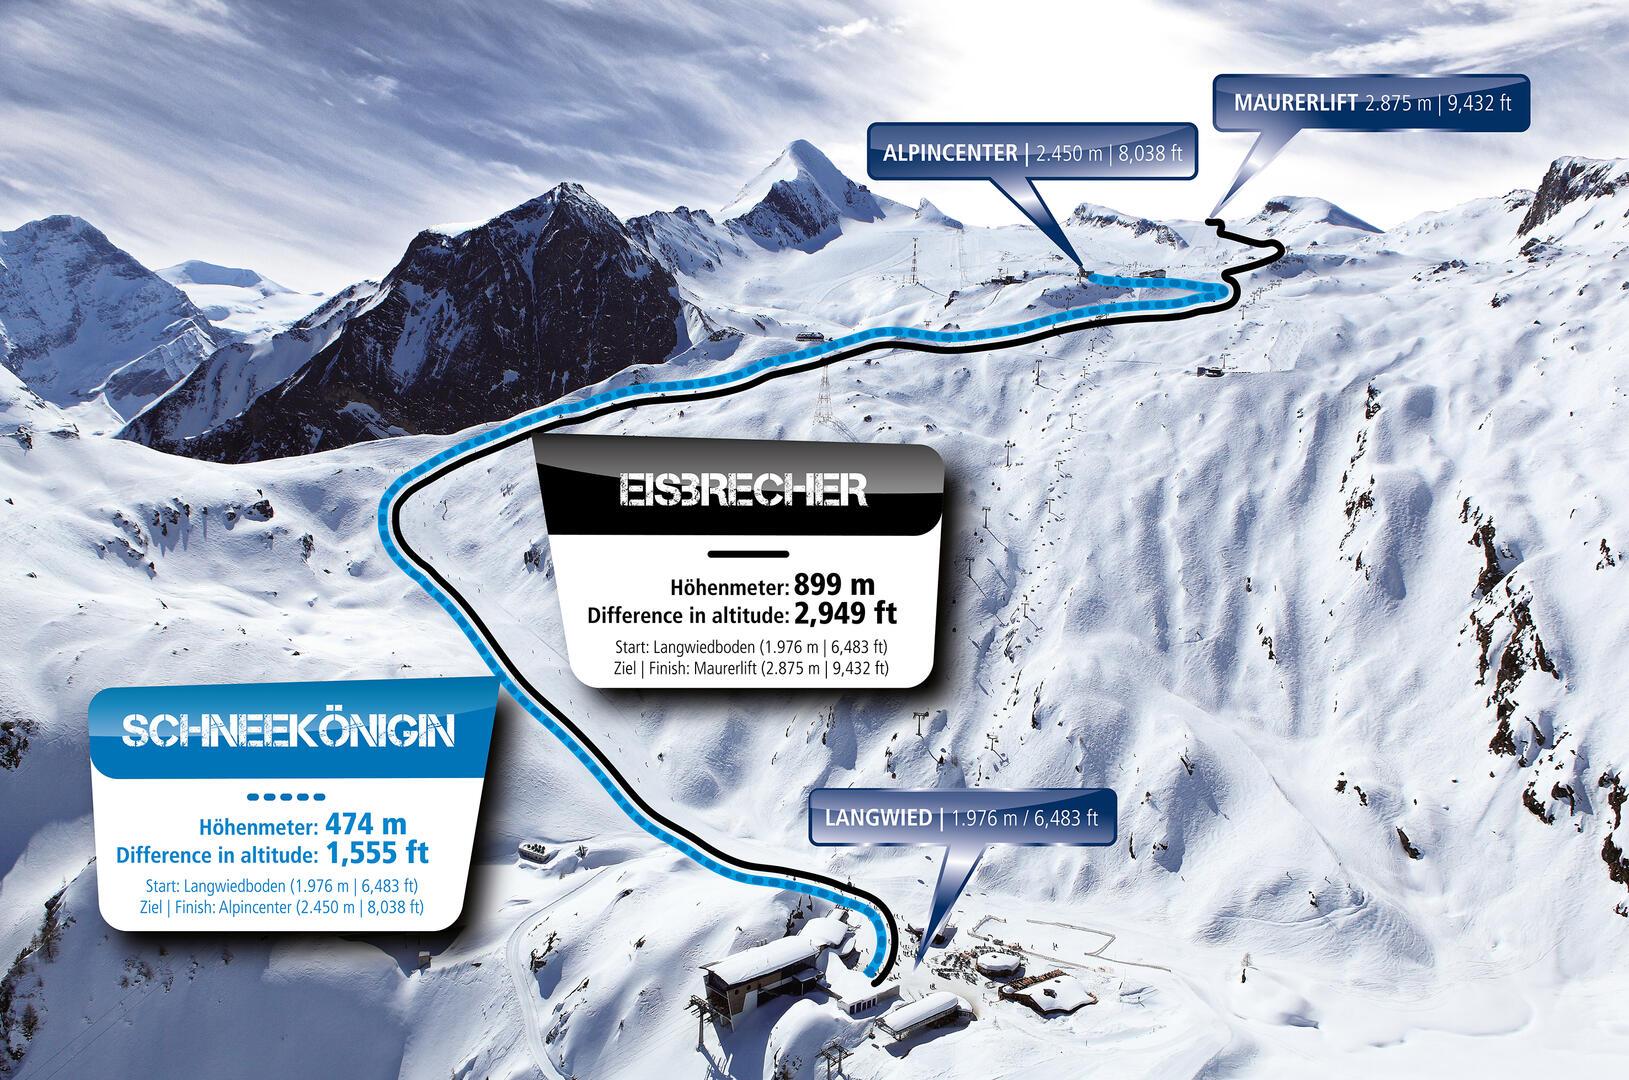 Ski touring routes at the Kitzsteinhorn in Kaprun, Austria